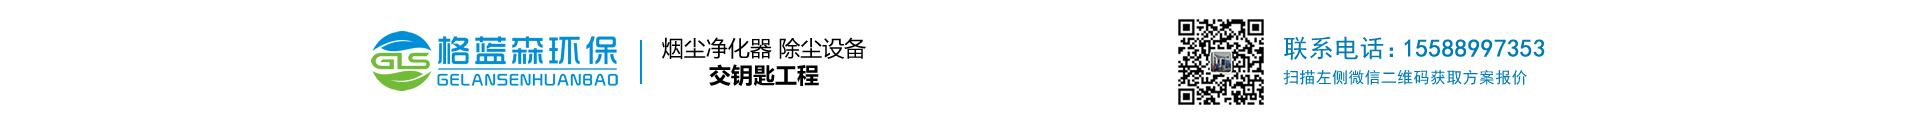 青島格藍森環保科技有限公司